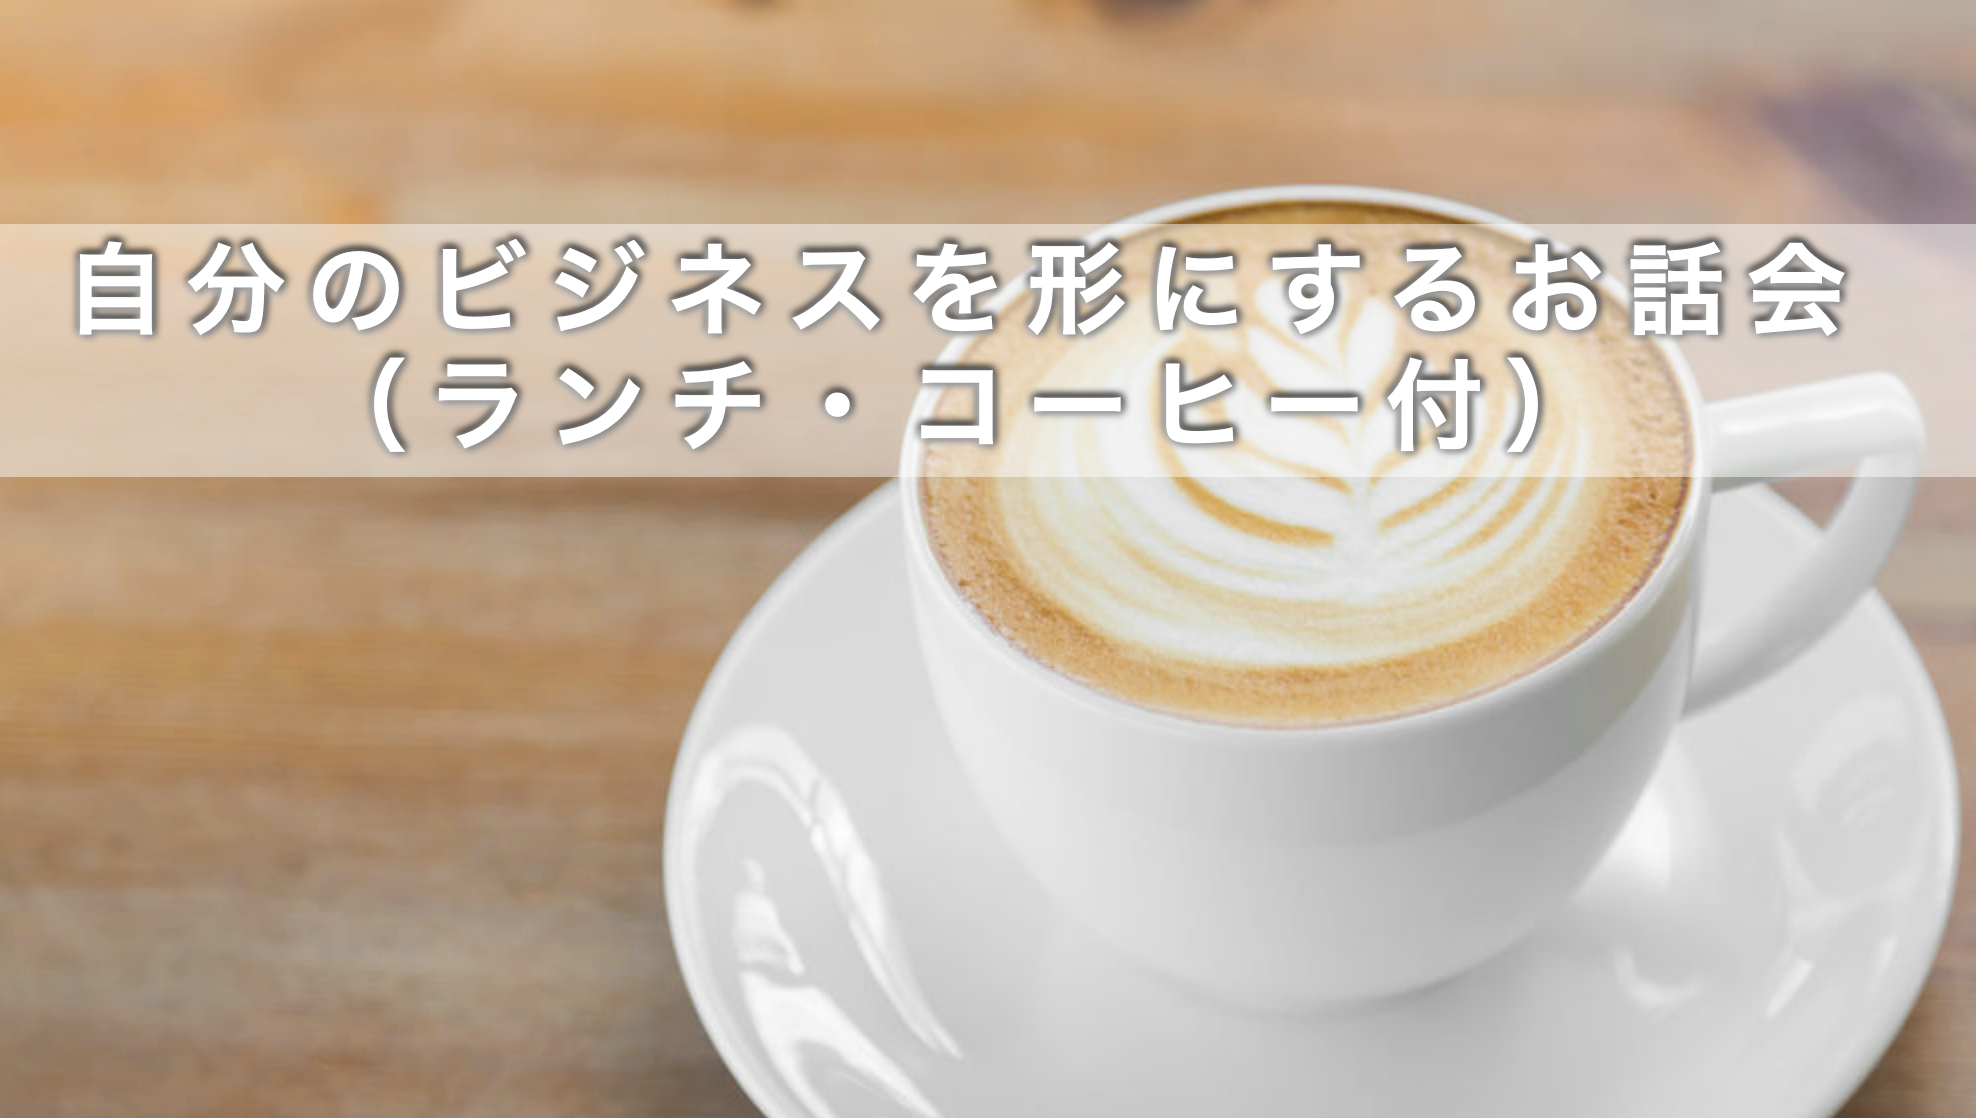 10月30日自分のビジネスを形にするお話会 (ランチ・コーヒー付)